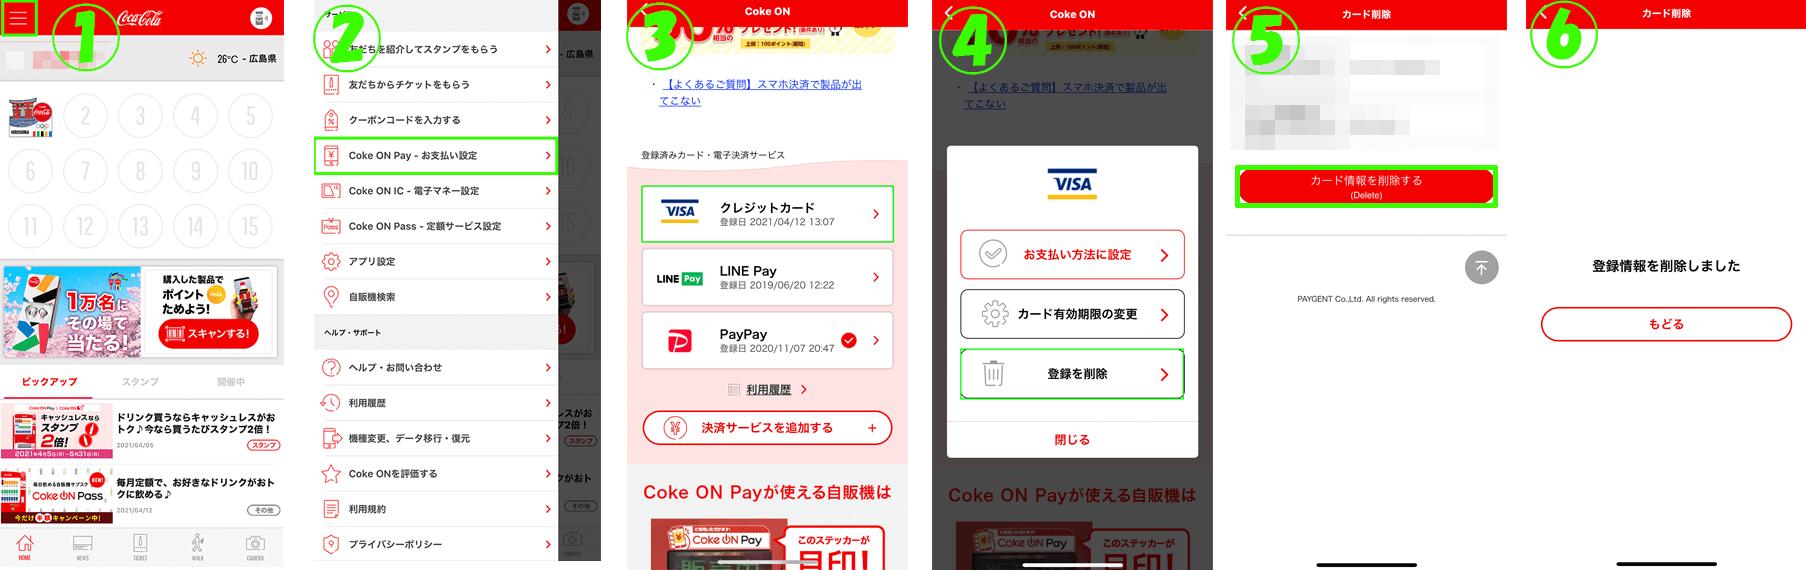 クレジットカード削除